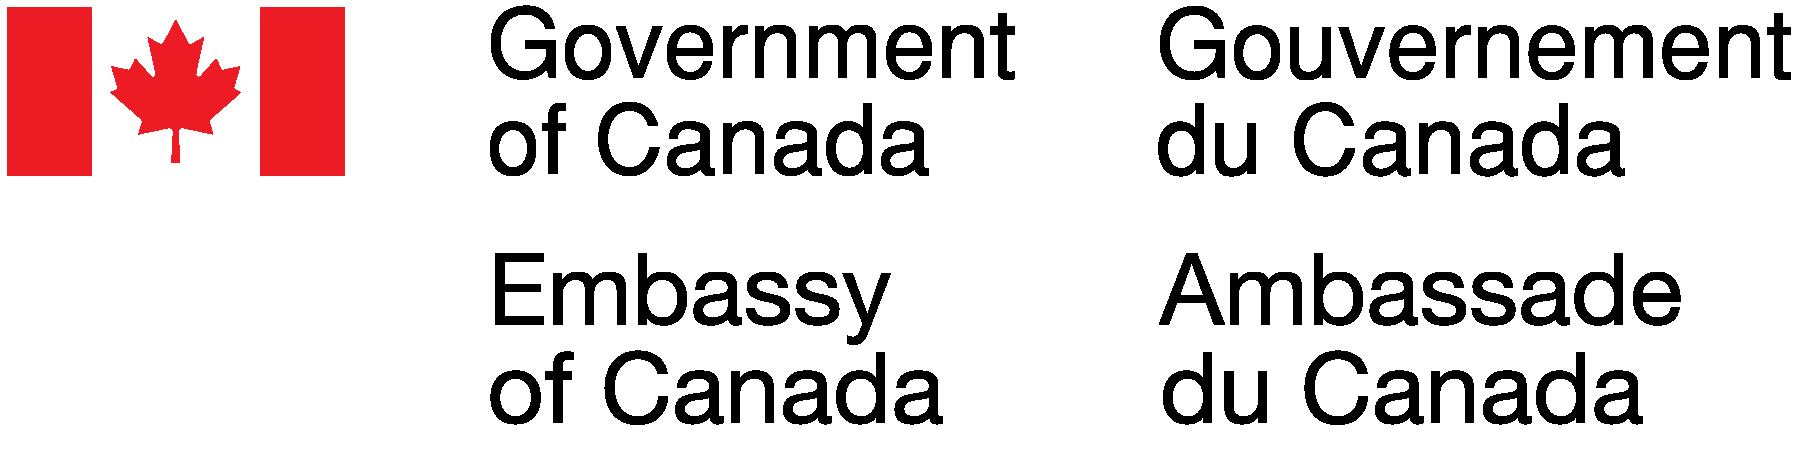 Velvyslanectví Kanady v České republice logo/Embassy of Canada to Czech Republic logo